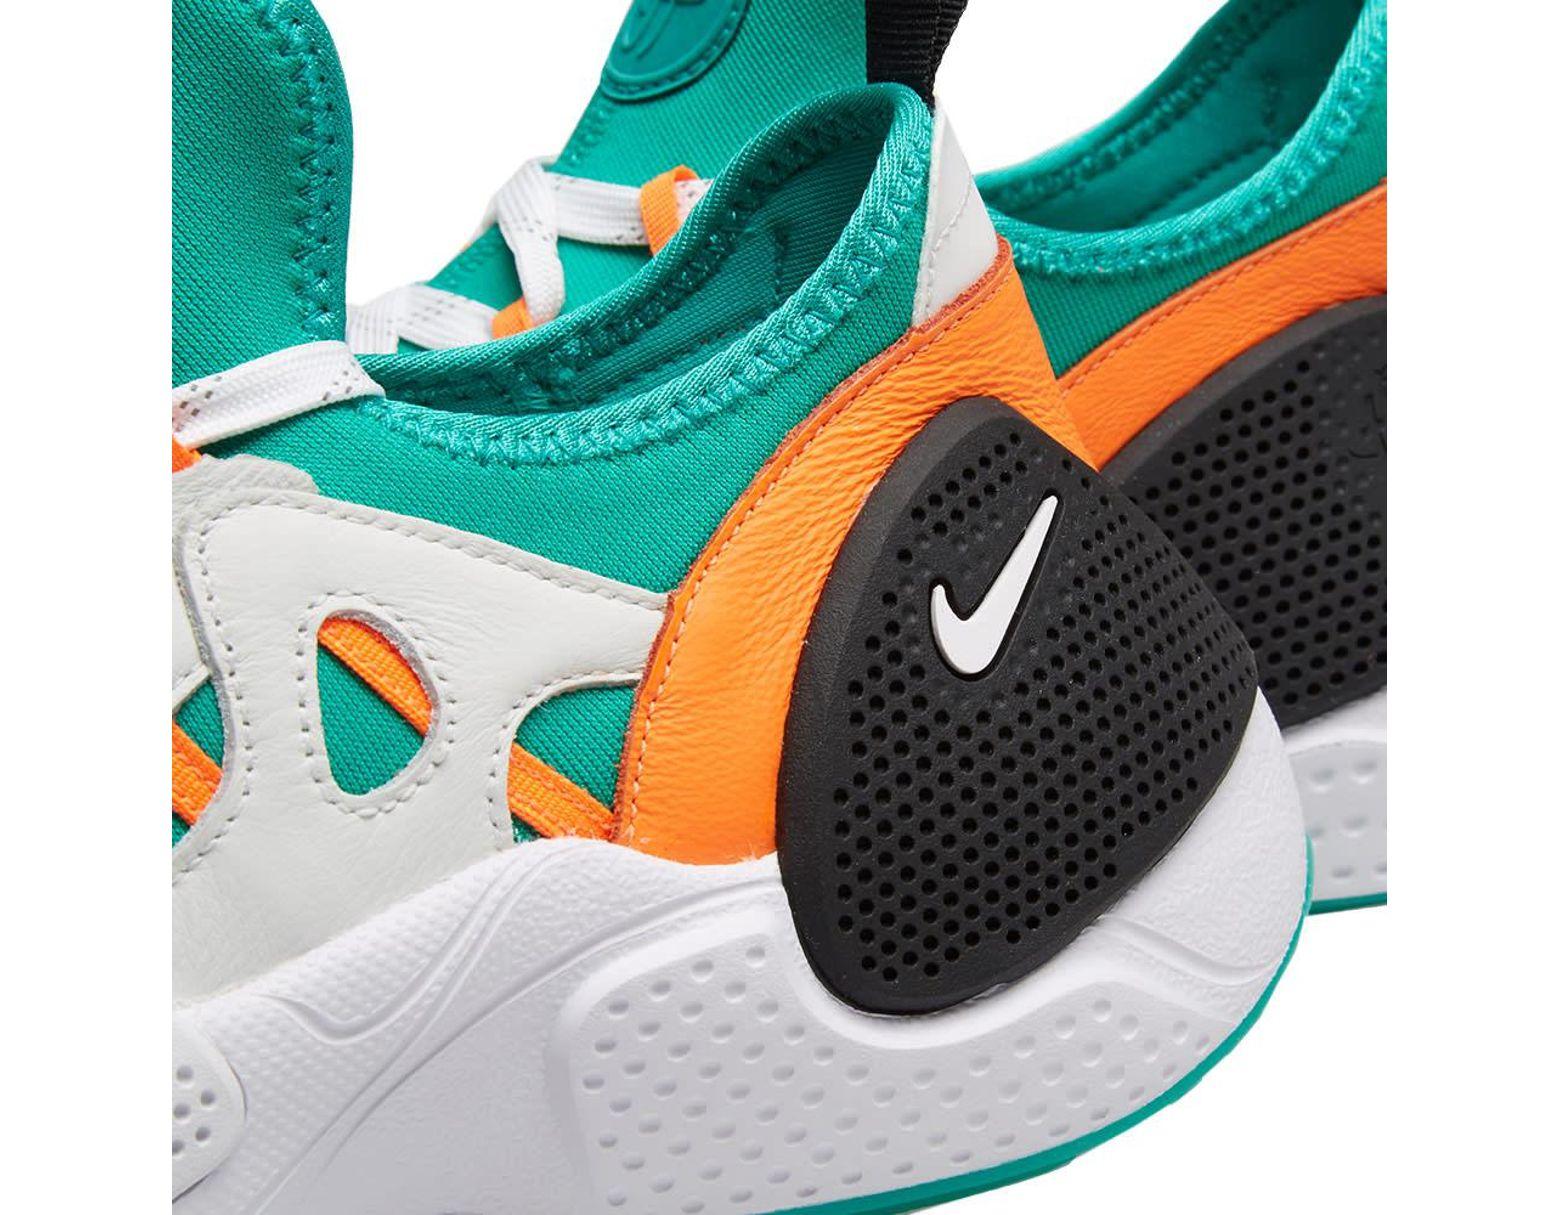 3c9c0193024c5 Lyst - Nike Huarache E.d.g.e Txt Qs in White for Men